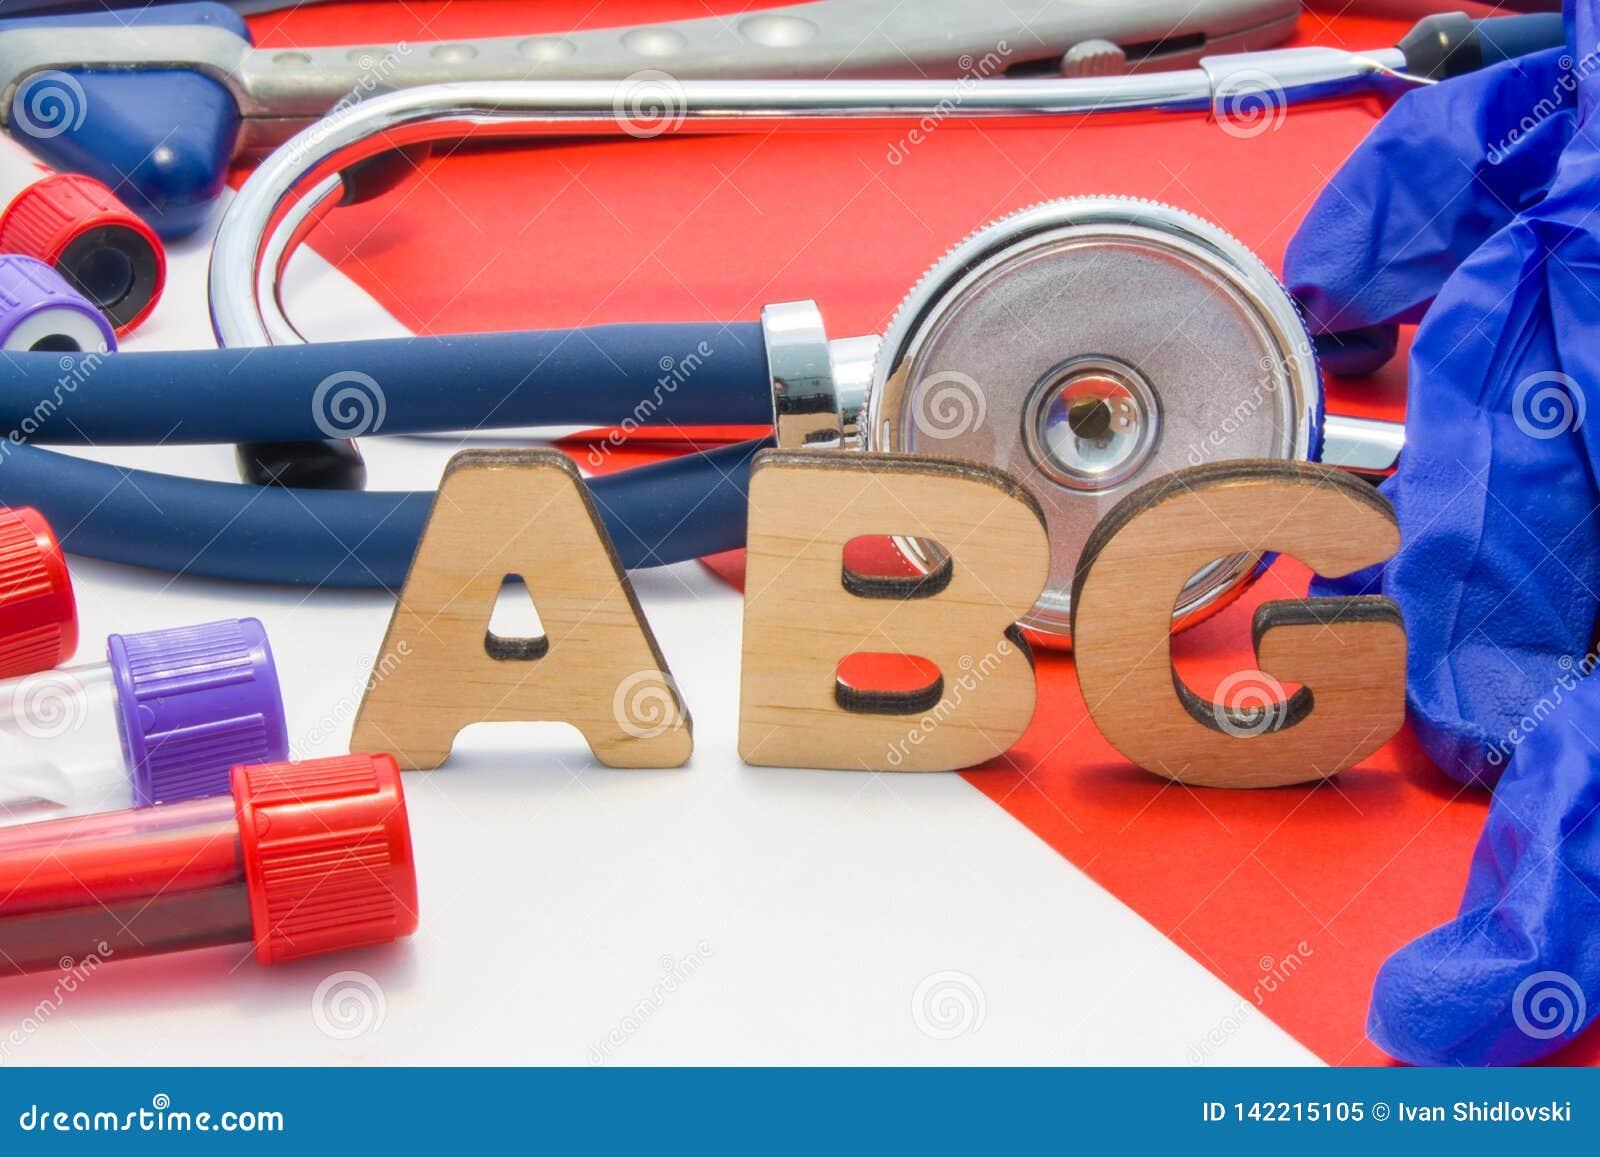 Medizinische Abkürzung ABG, die arterielles Blutgas im Blut in den Labordiagnosen auf rotem Hintergrund bedeutet Chemischer Name